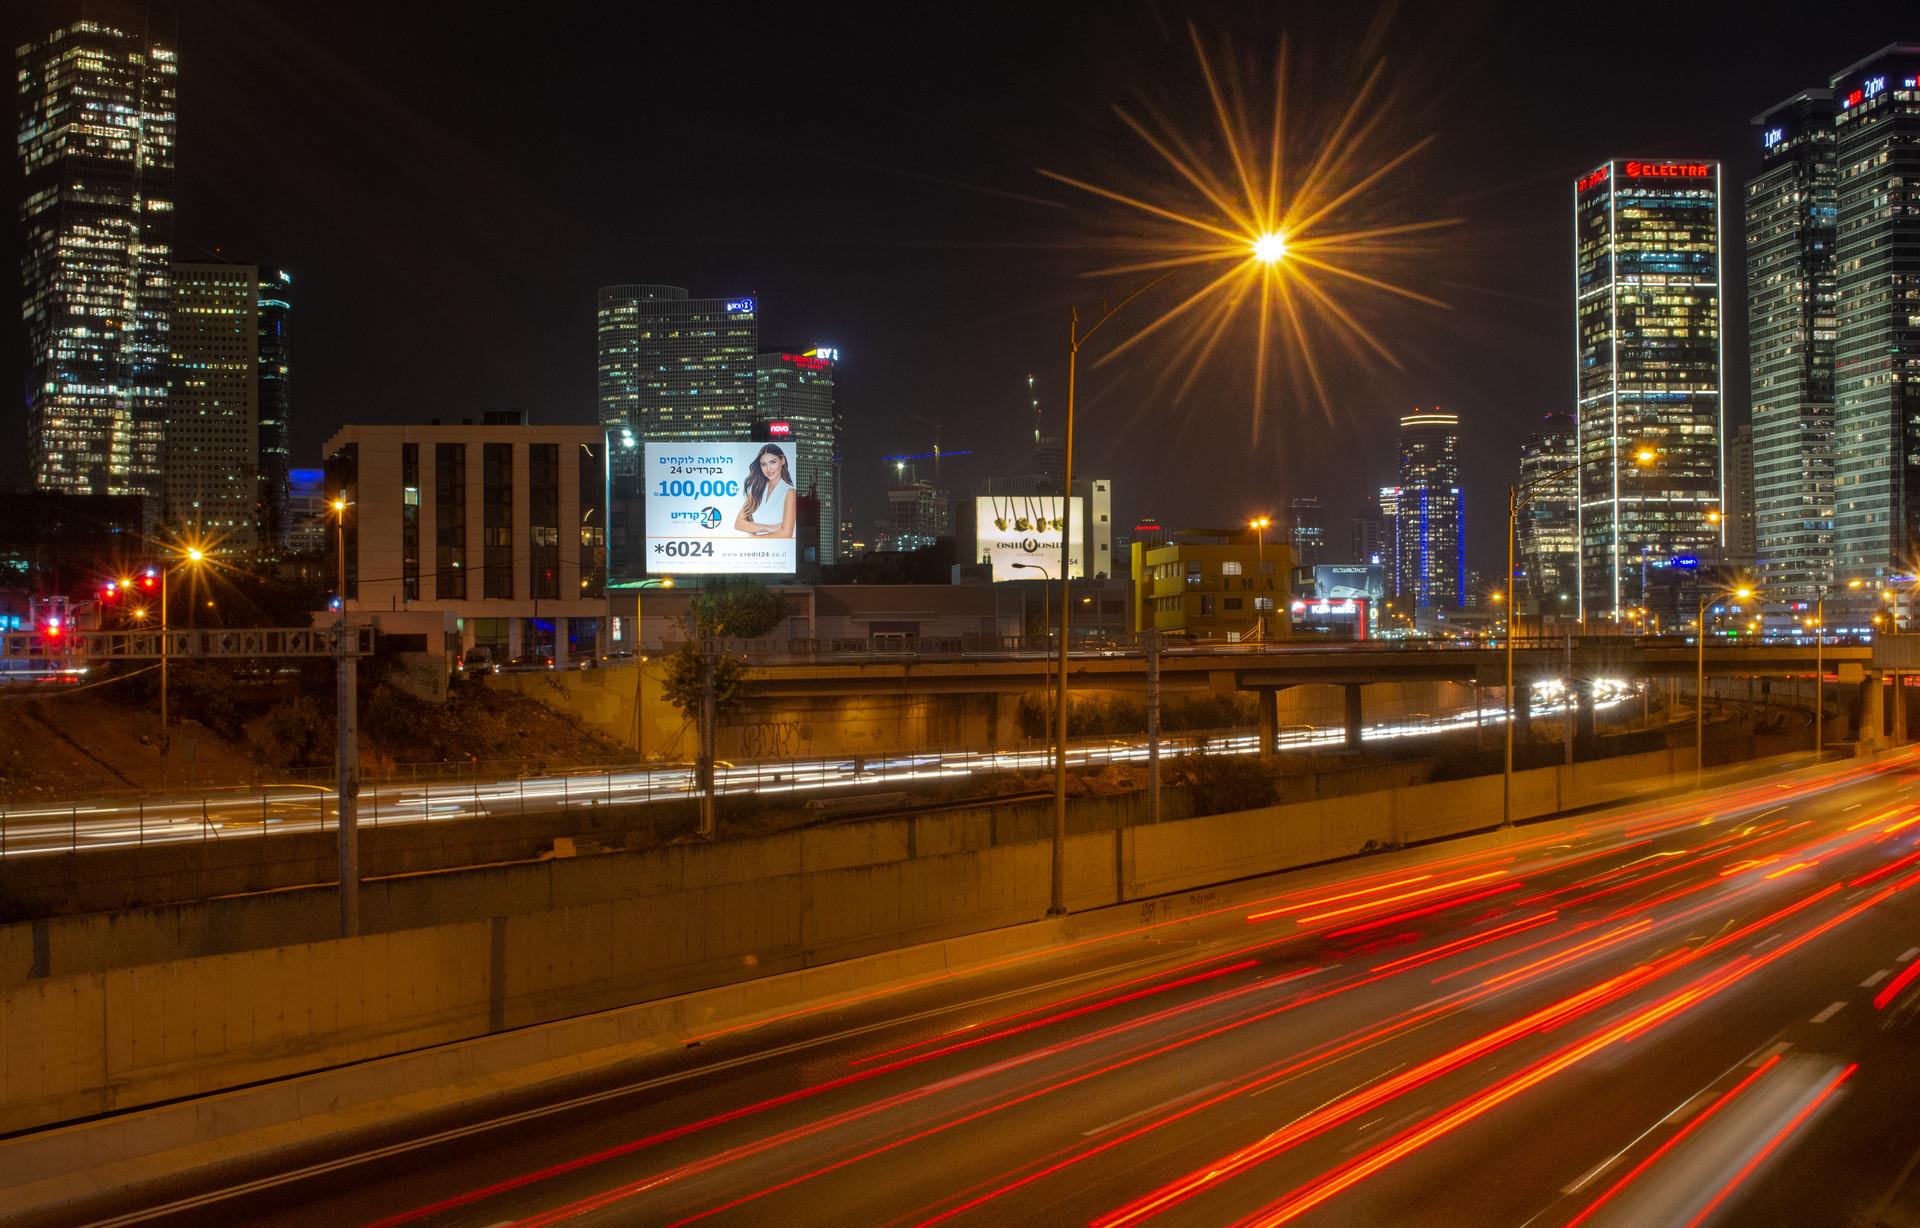 פרסום על גבי קירות בתל אביב